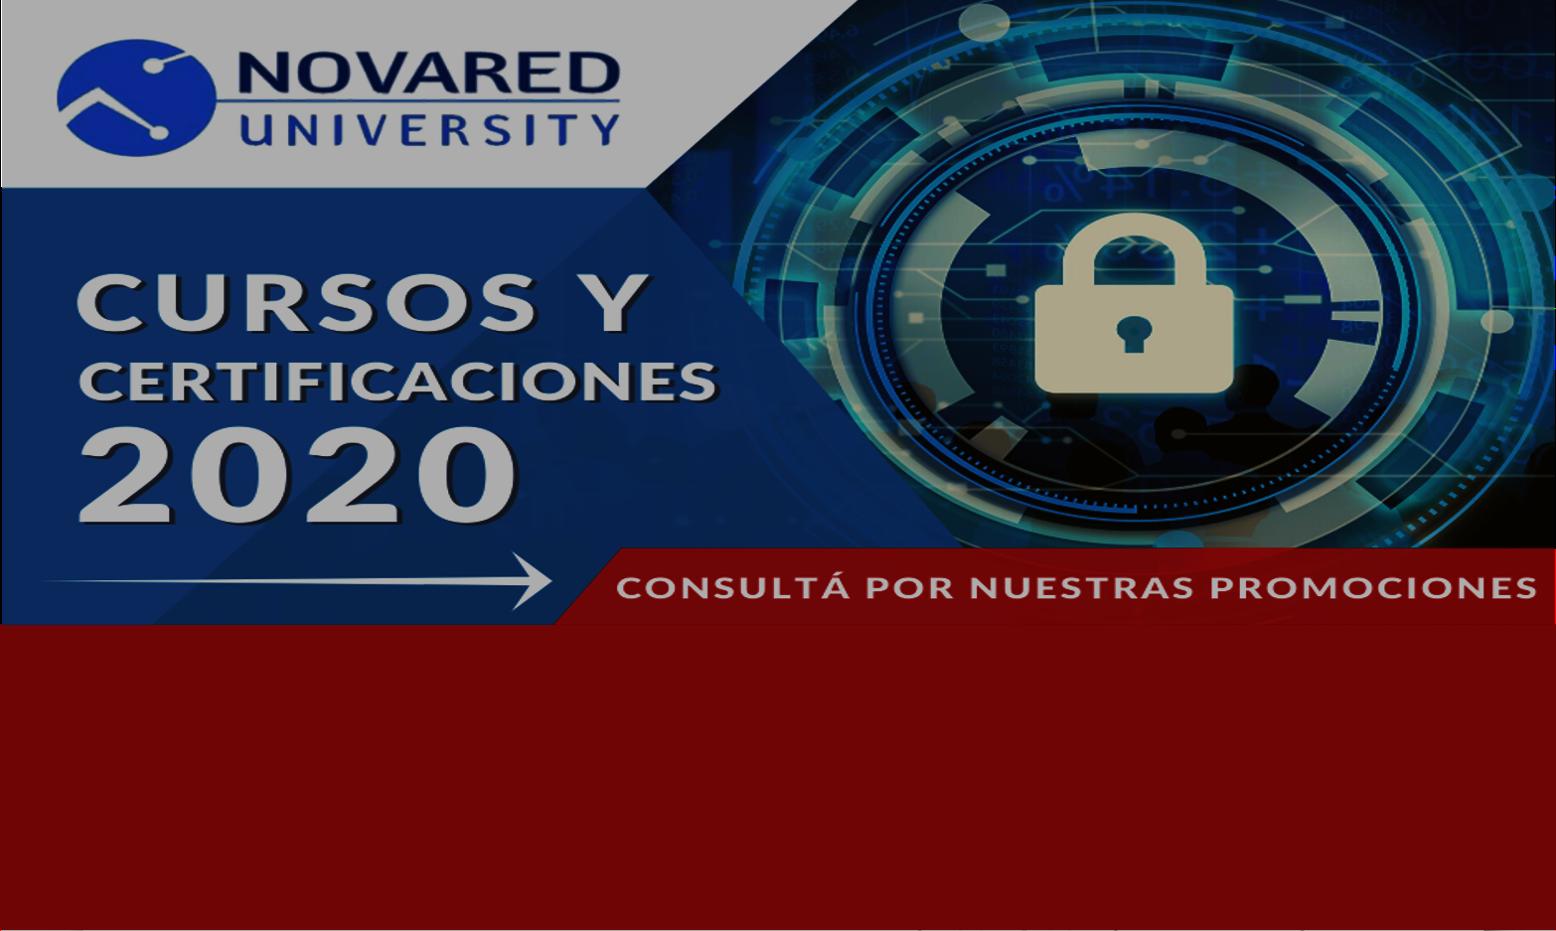 Calendario de Cursos Novared University